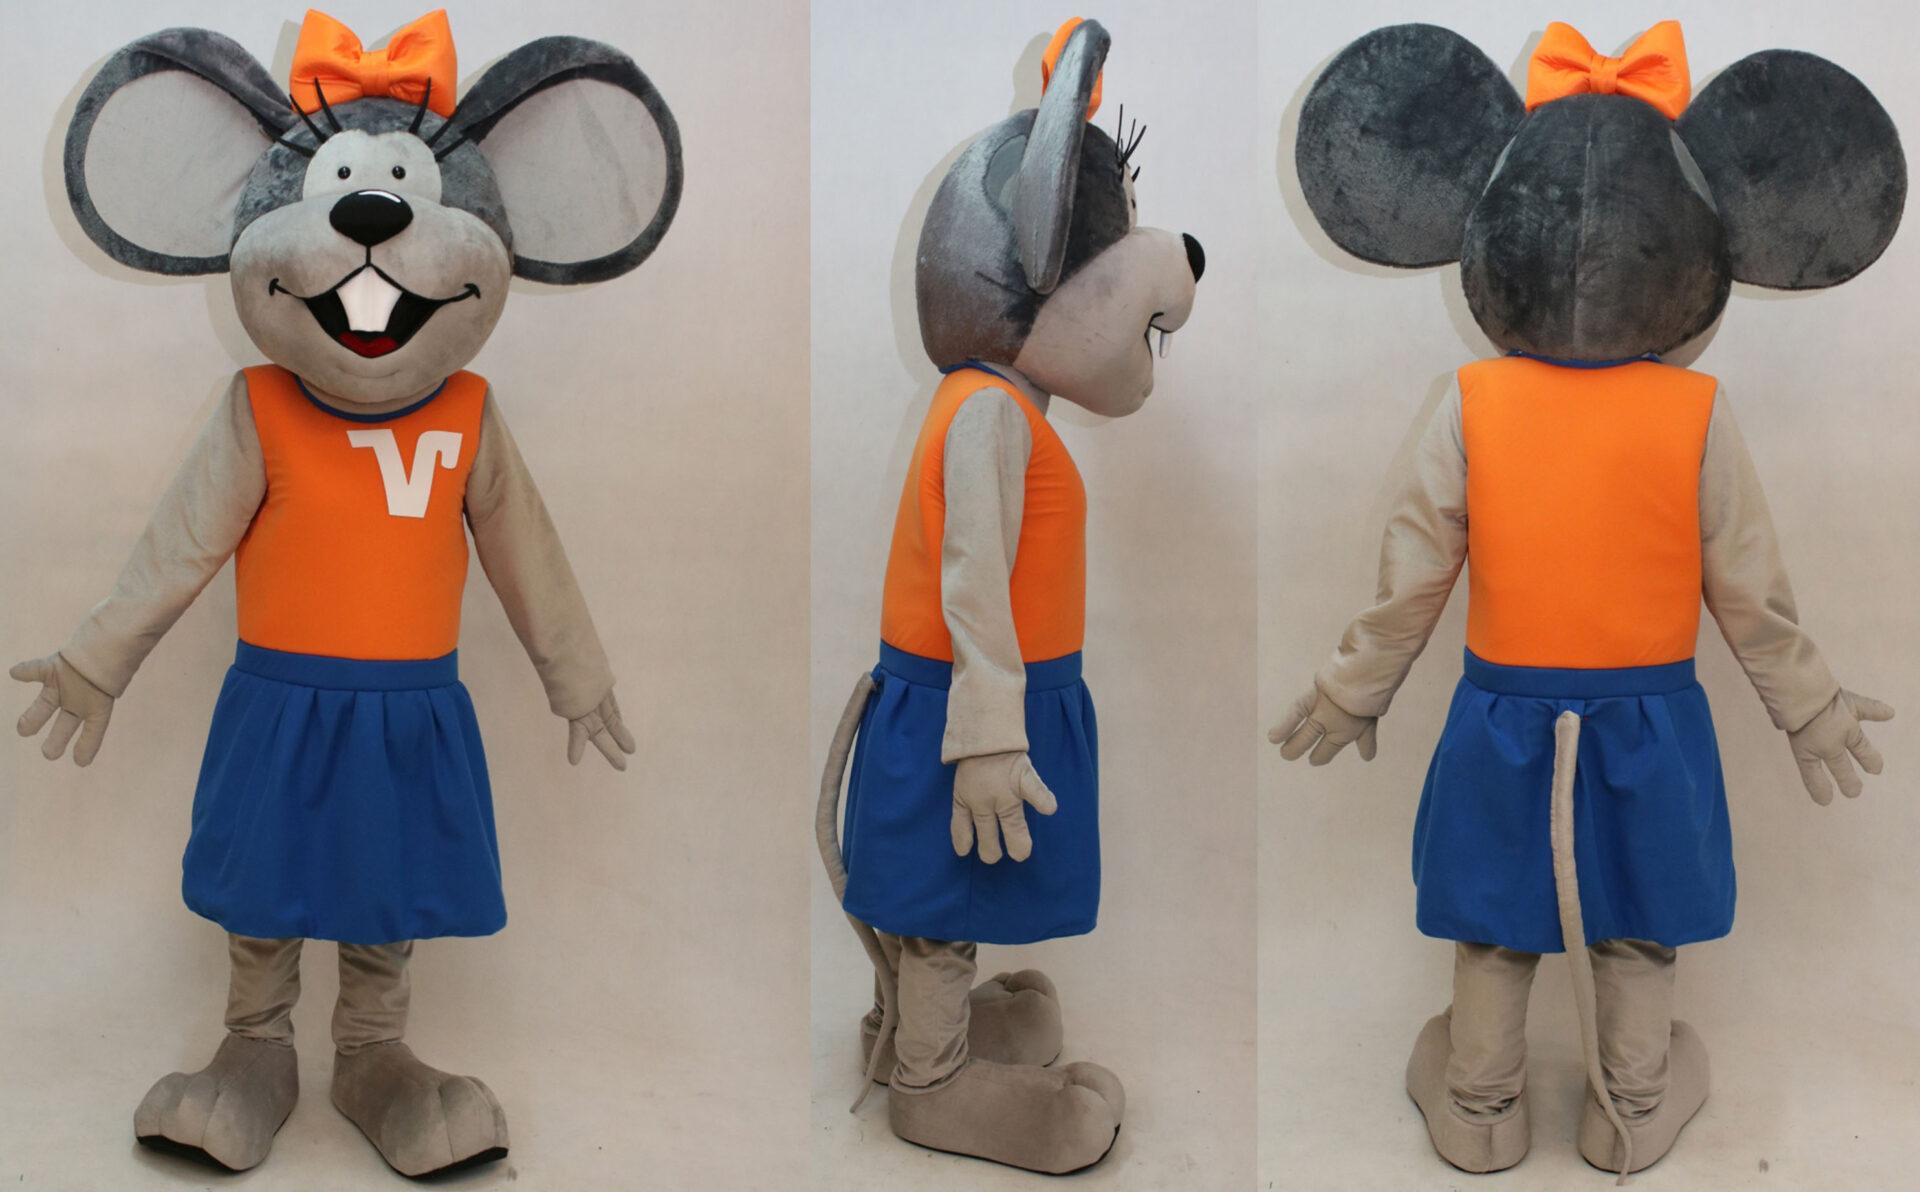 maus-mäuse-walking-act-kostüm